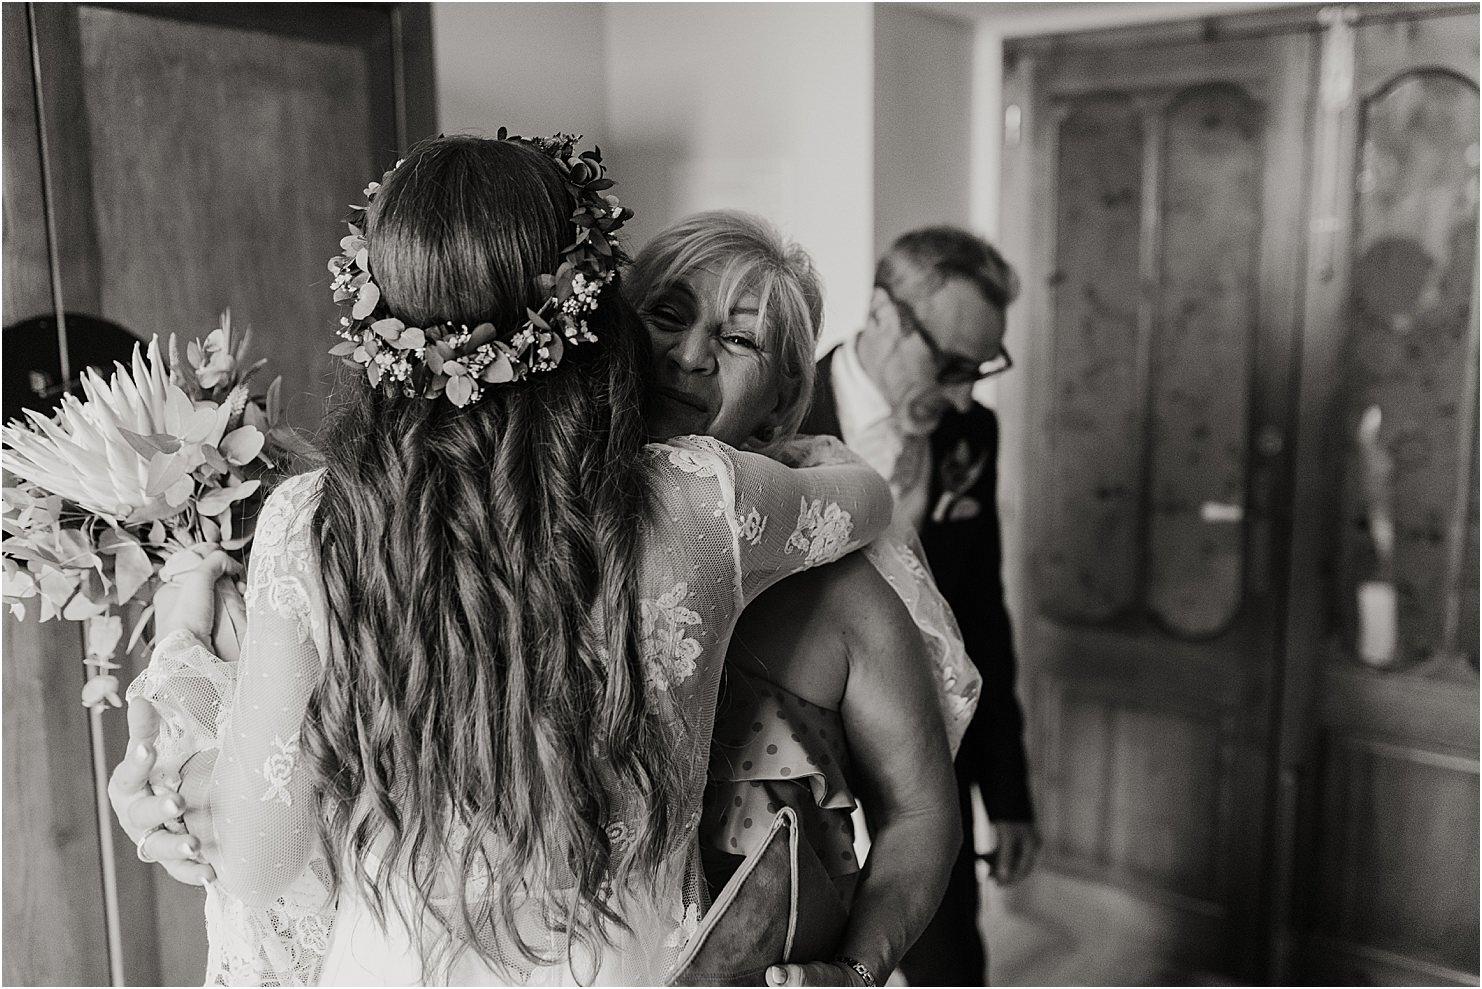 boda-boho-vestido-de-novia-boho-43.jpg